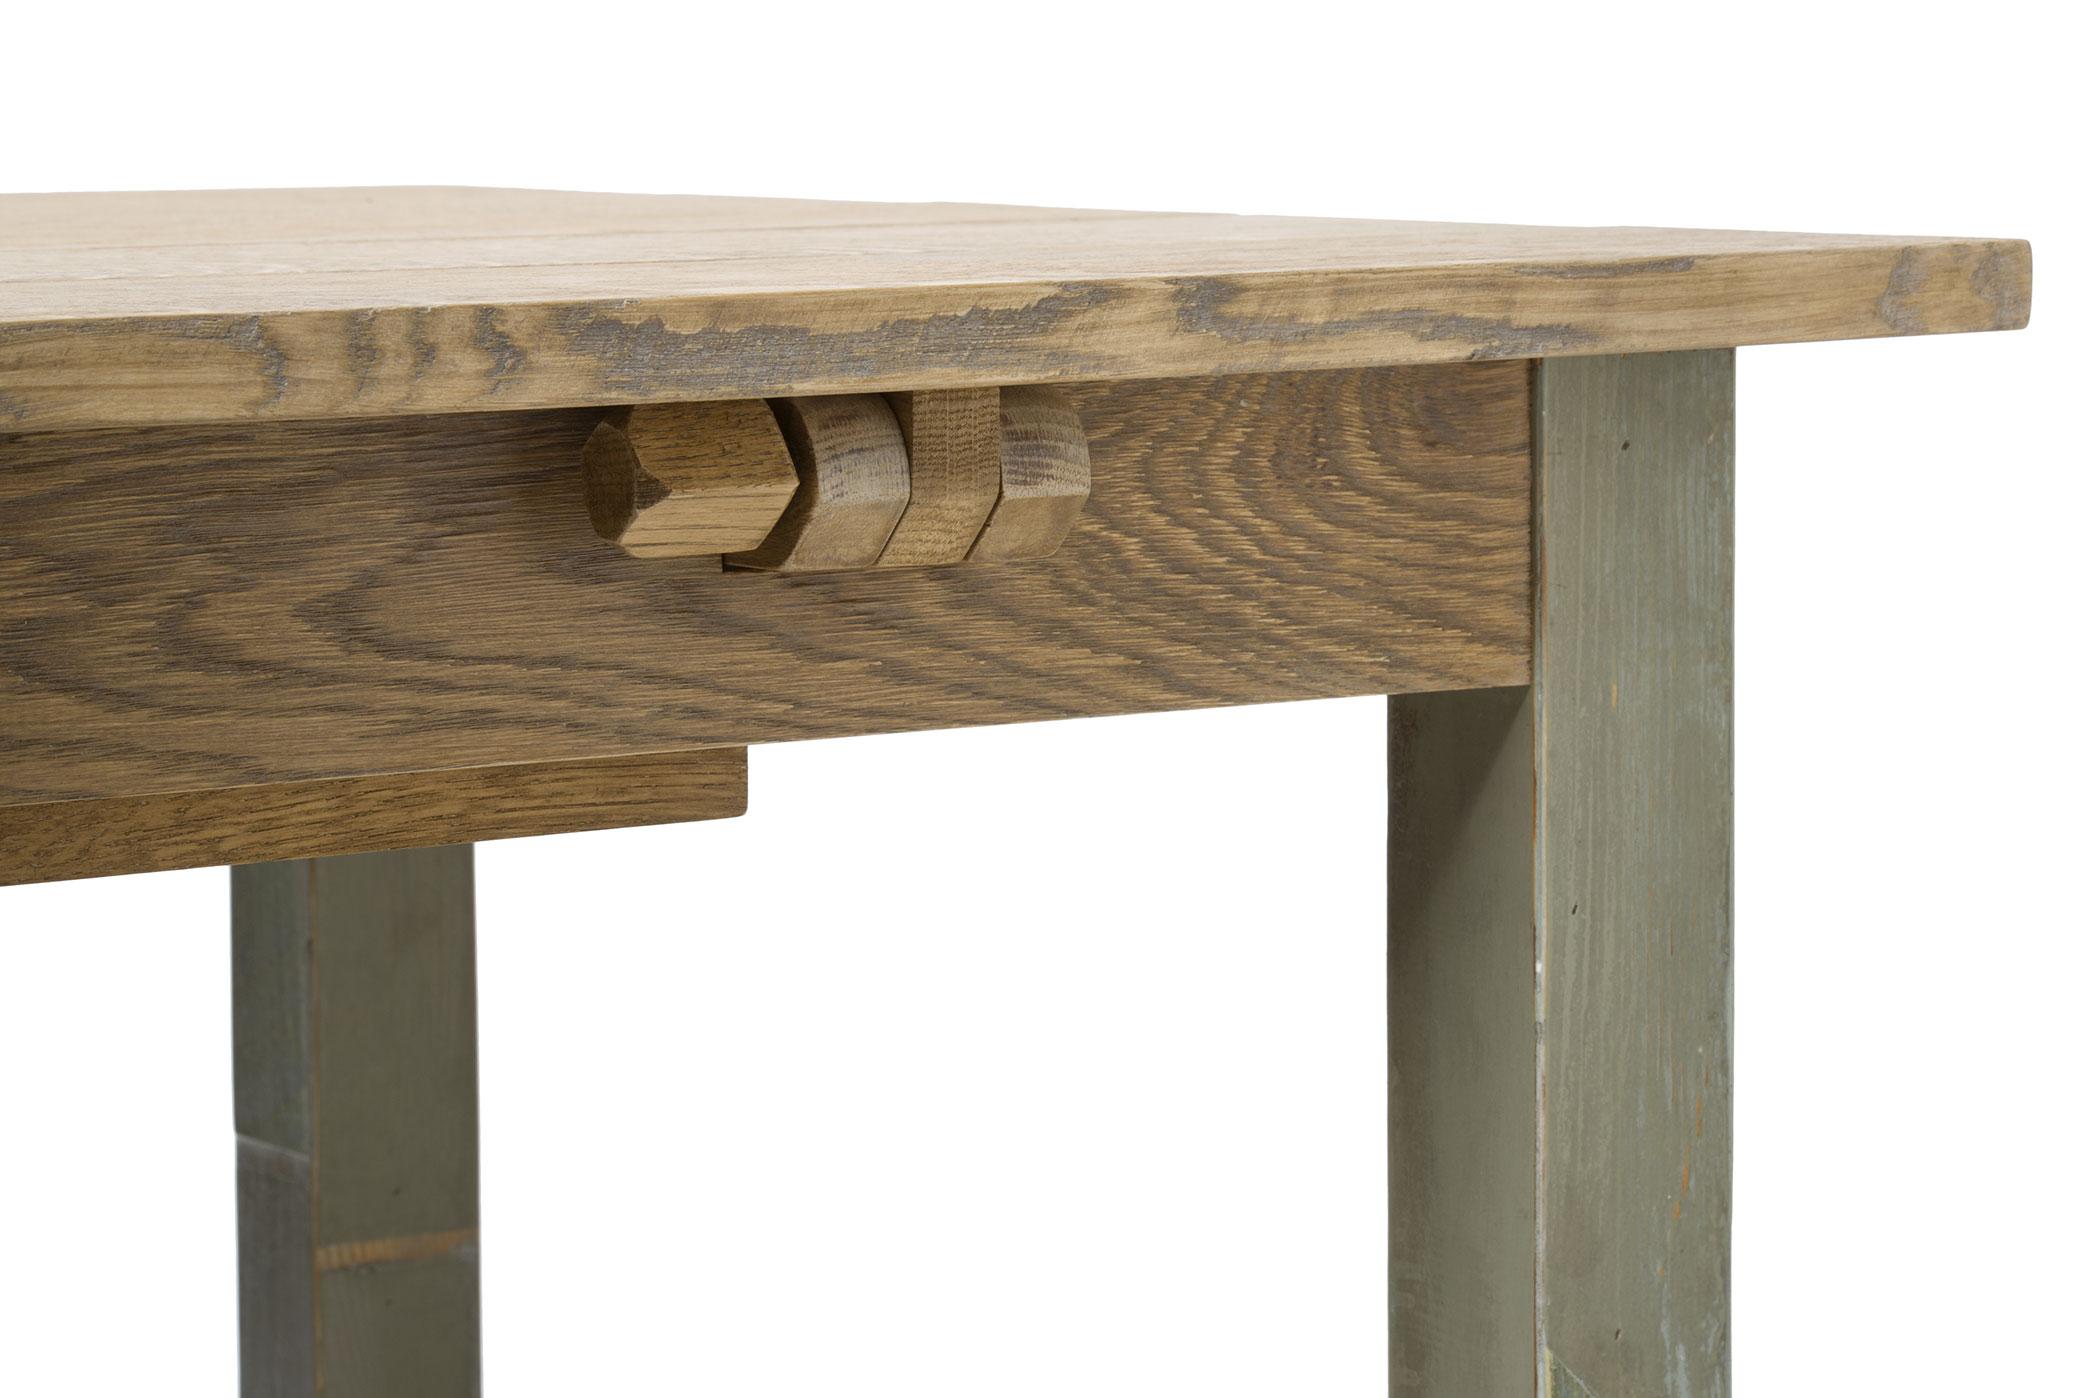 Tavolo in legno massello con prolunghe in legno di recupero color salvia. Tavolo artigianale